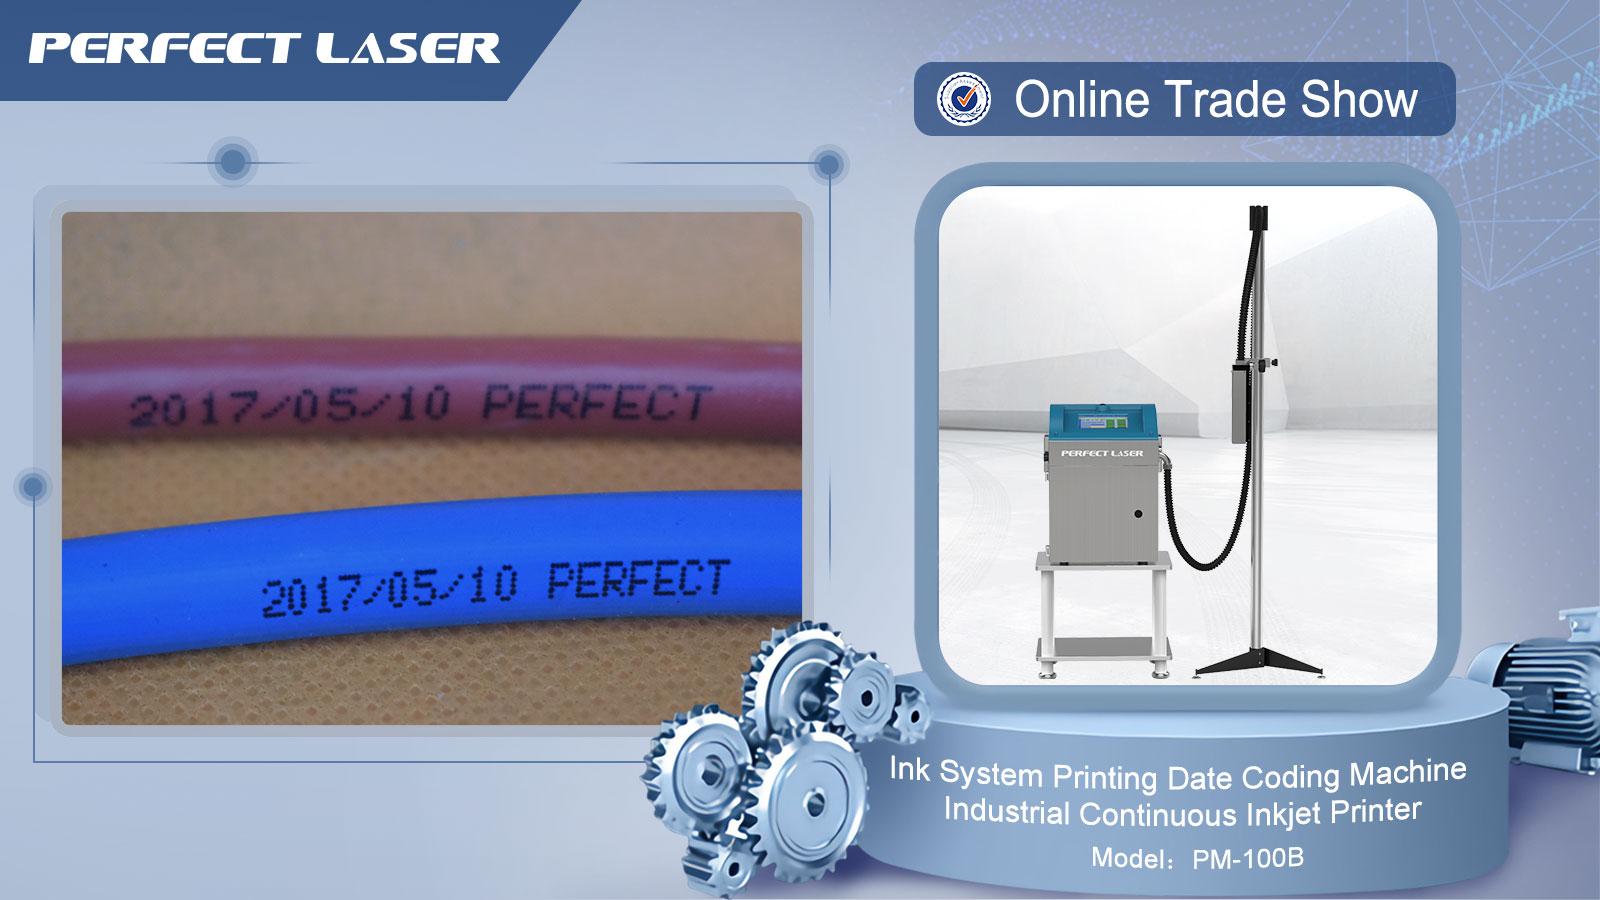 Laser-caja de cartón Industrial continuo chino impresora de inyección de tinta/caso codificador/caja fecha de caducidad de la máquina de impresión